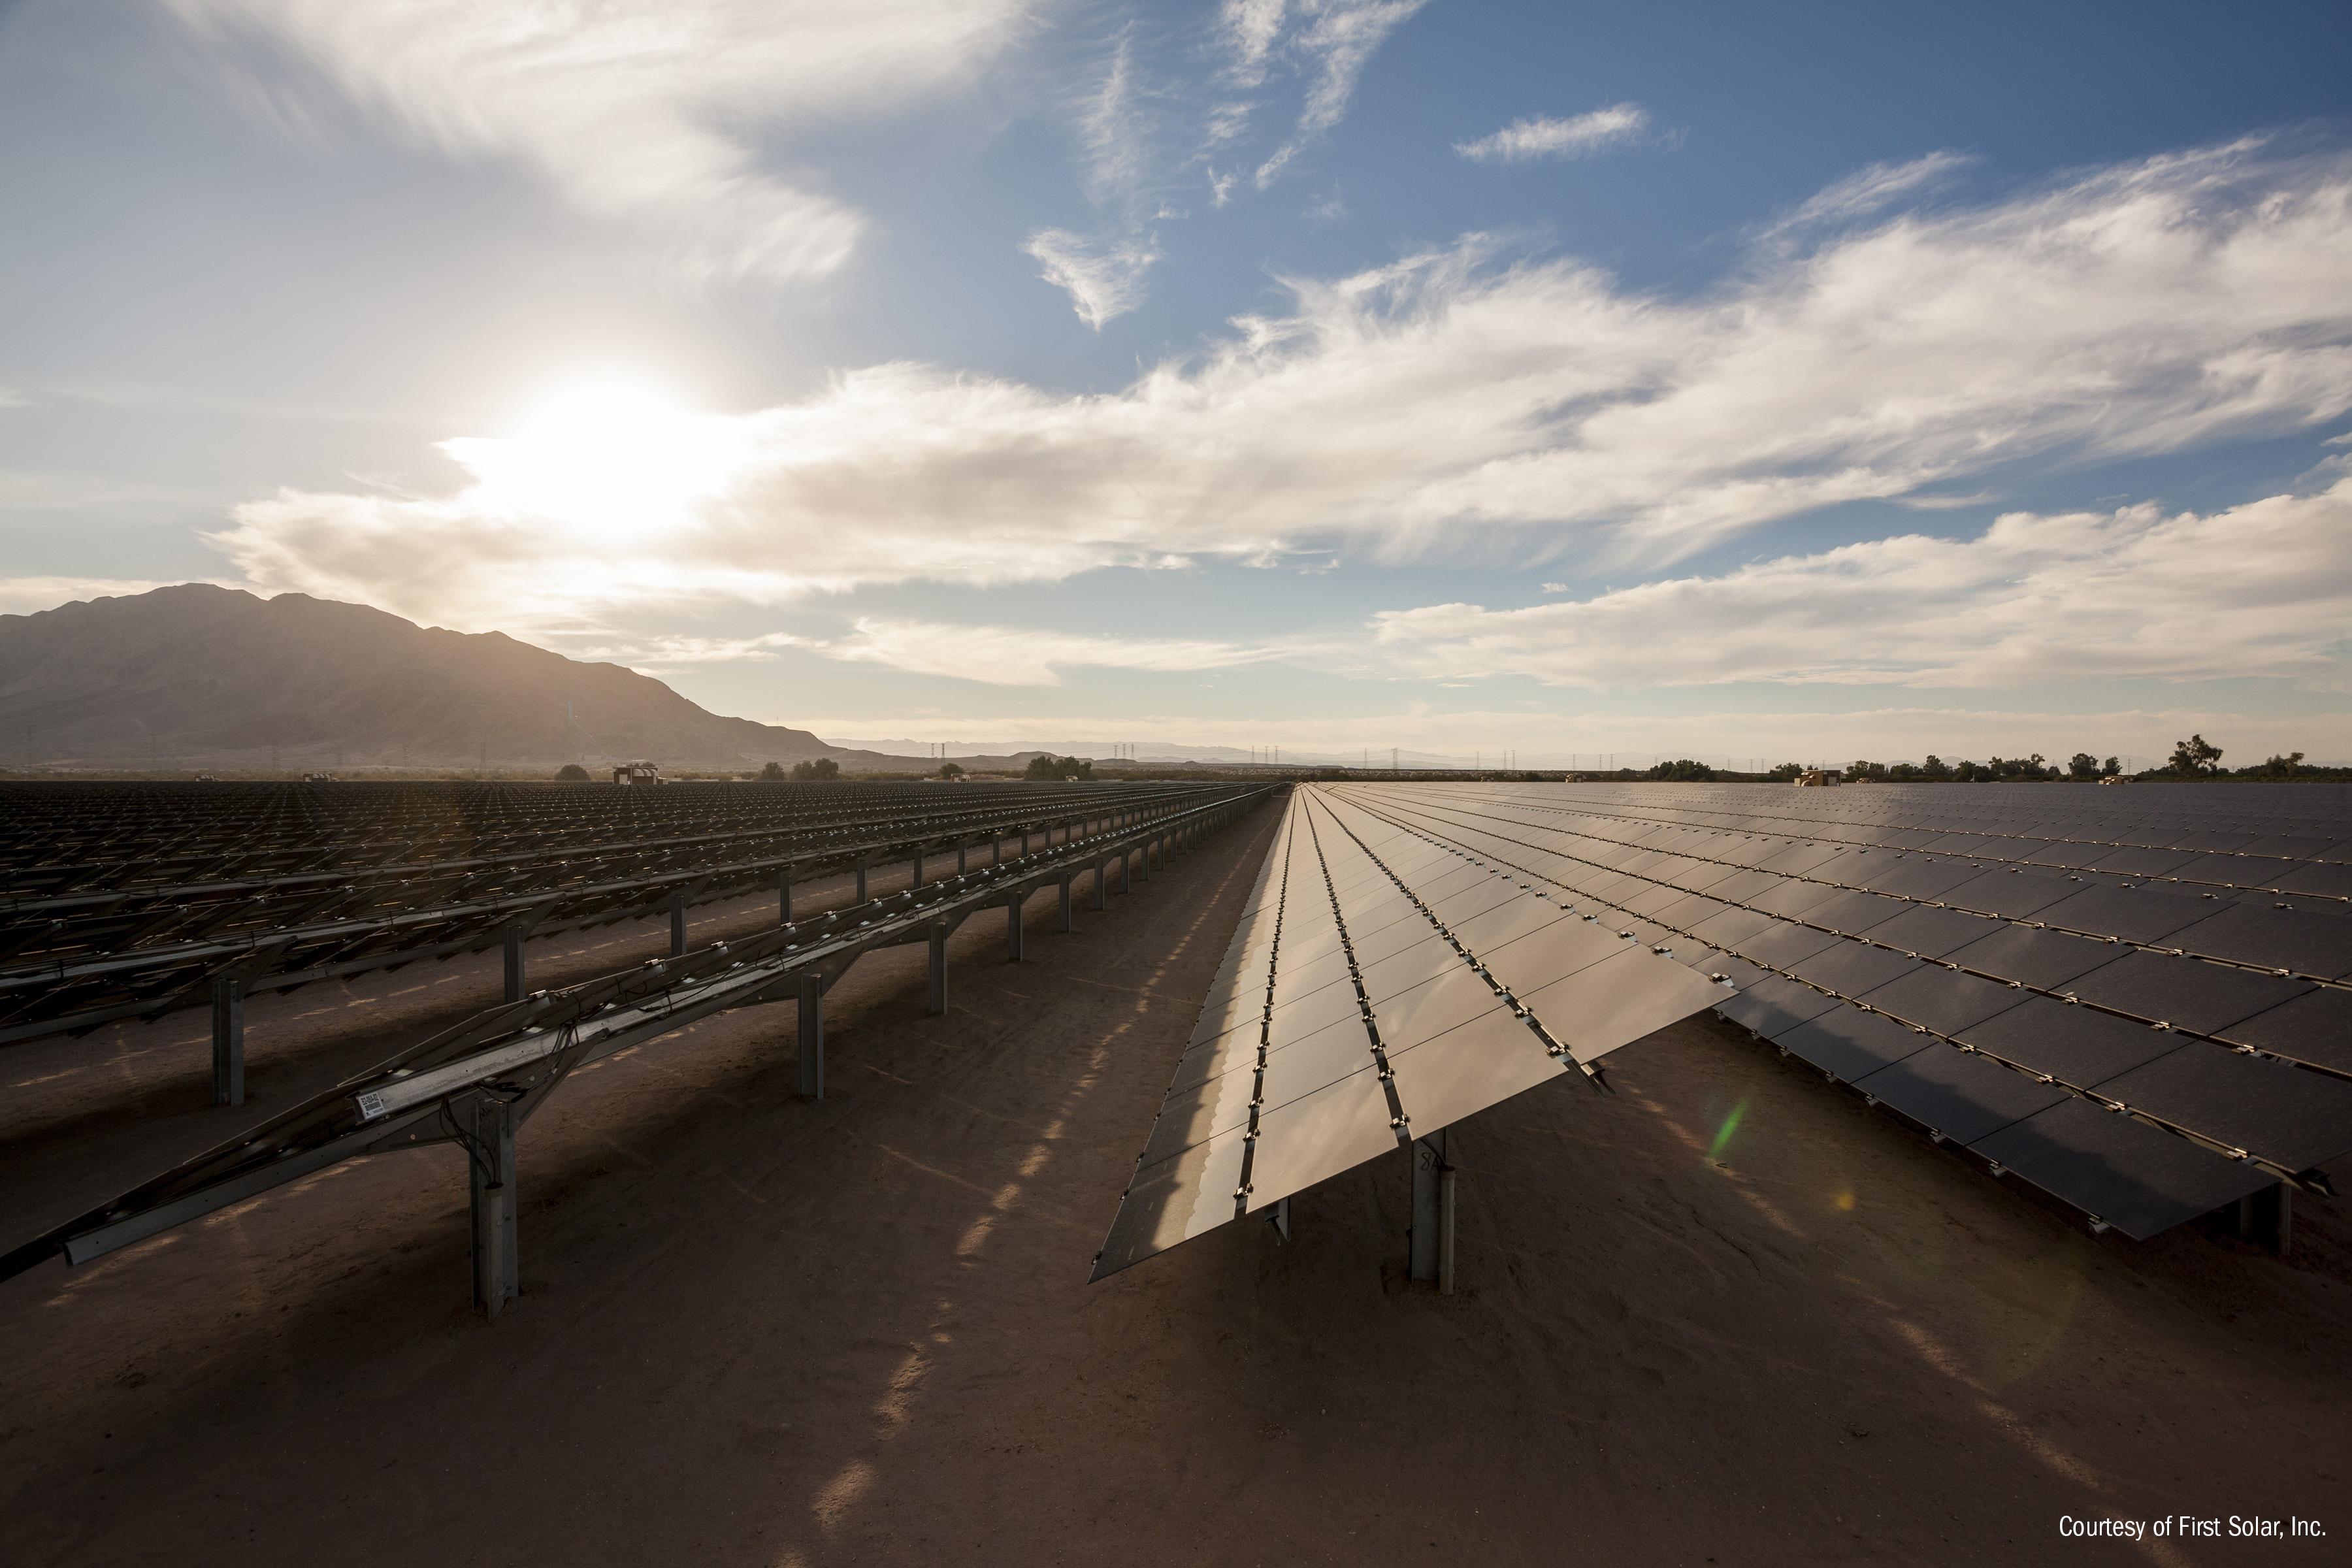 Large solar farm installed in the desert.